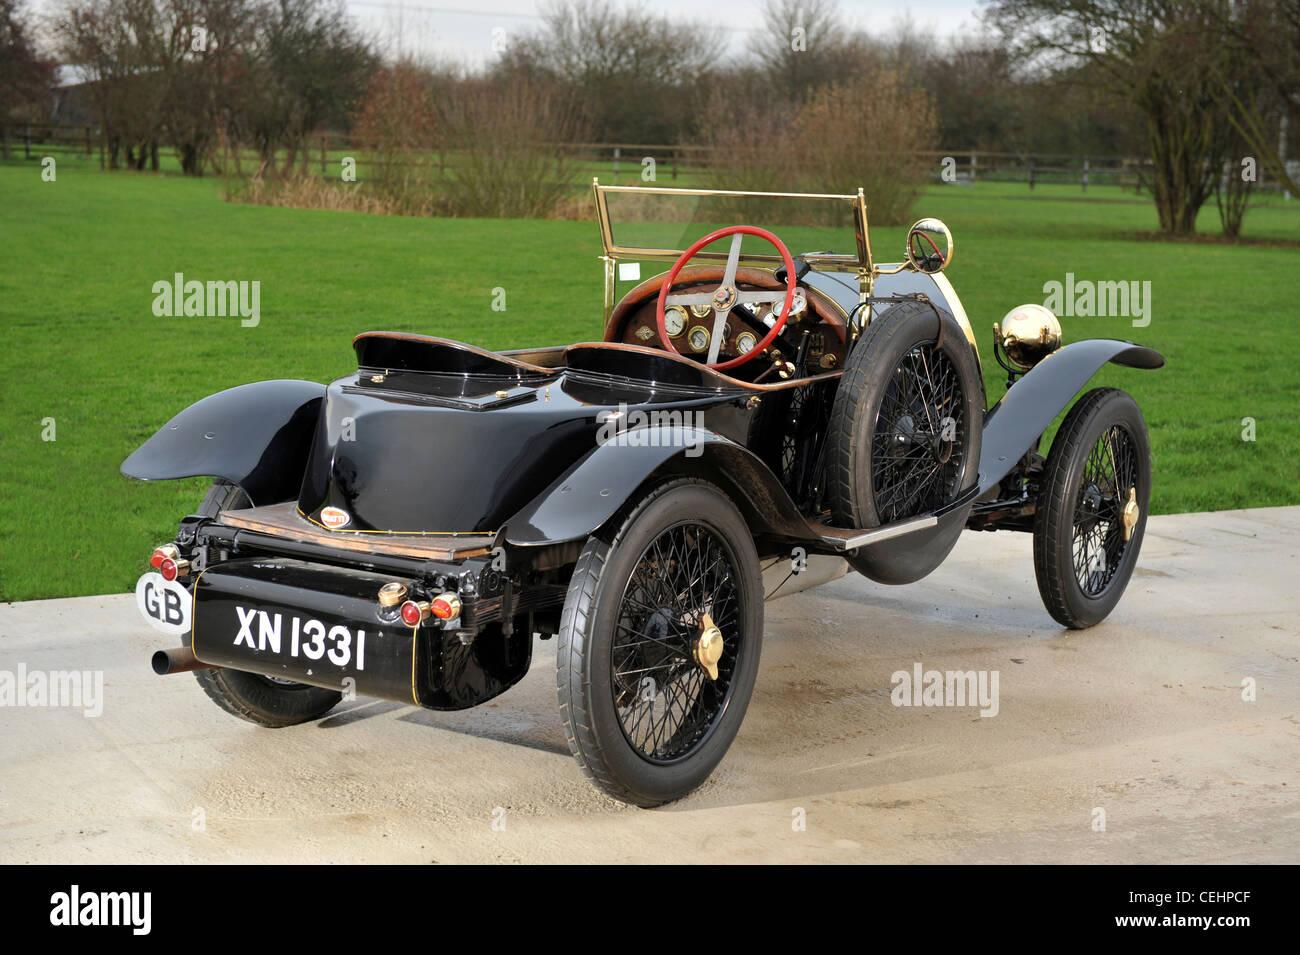 1913 Bugatti Type 18 Black Bess Stock Photo: 43416703 - Alamy on bugatti motorcycle, bugatti phone, bugatti blueprints, bugatti renaissance, bugatti royale, bugatti women, bugatti tumblr, bugatti eb110, bugatti type 55, bugatti type 57, bugatti veyron, bugatti with girls, bugatti finale, bugatti chiron, bugatti interior, bugatti hd, bugatti hennessey, bugatti vitesse, bugatti concept, bugatti atv,